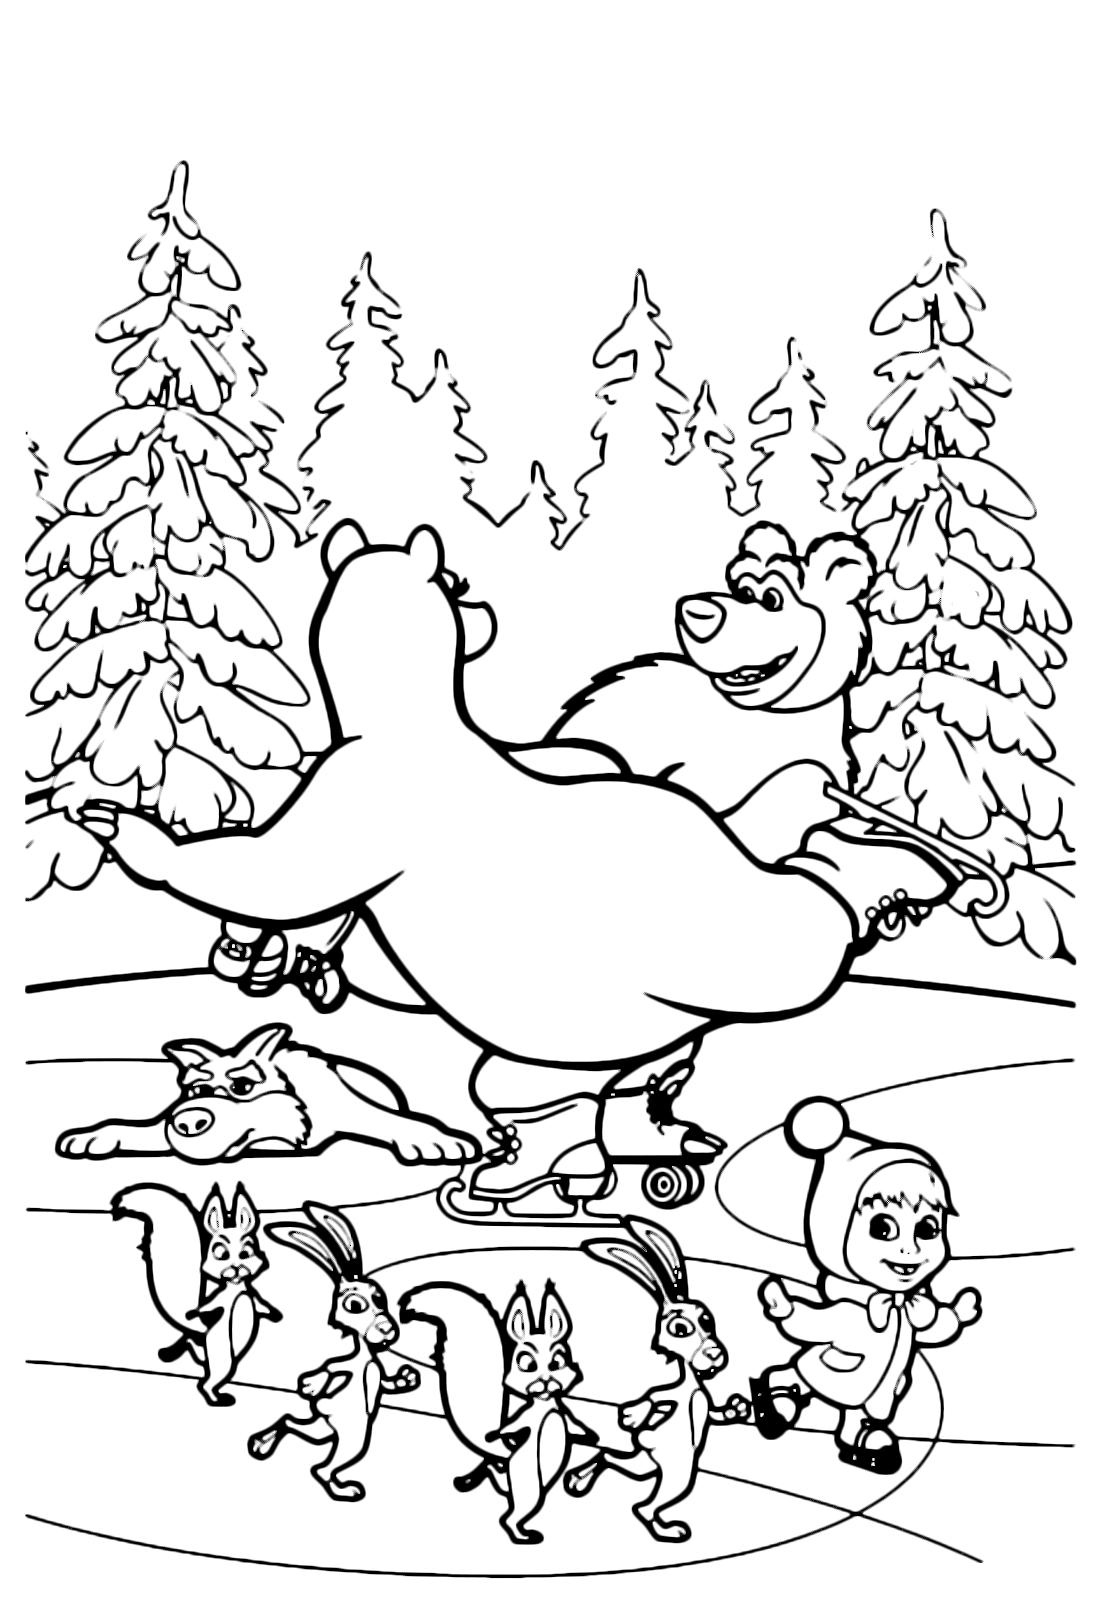 disegno masha e orso